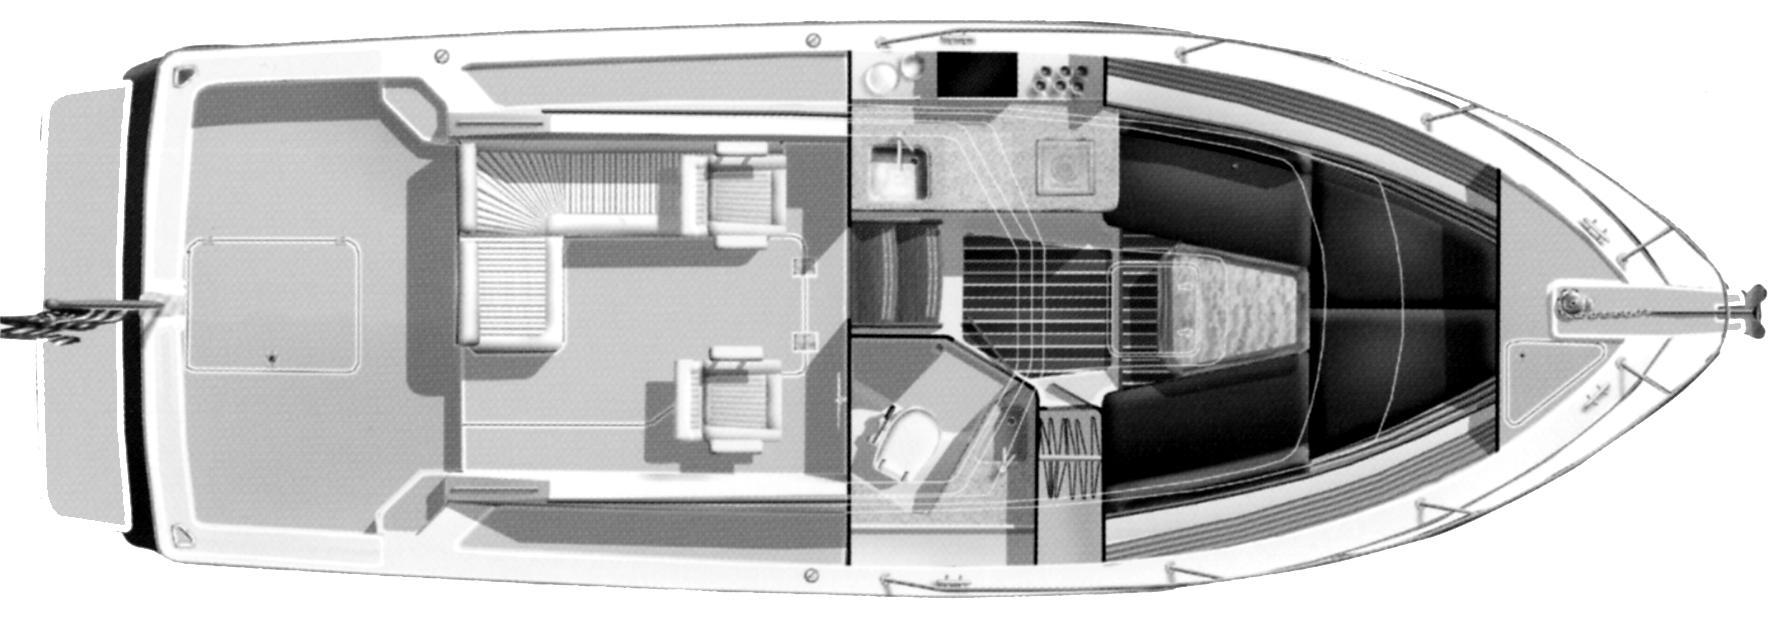 29 Floor Plan 1